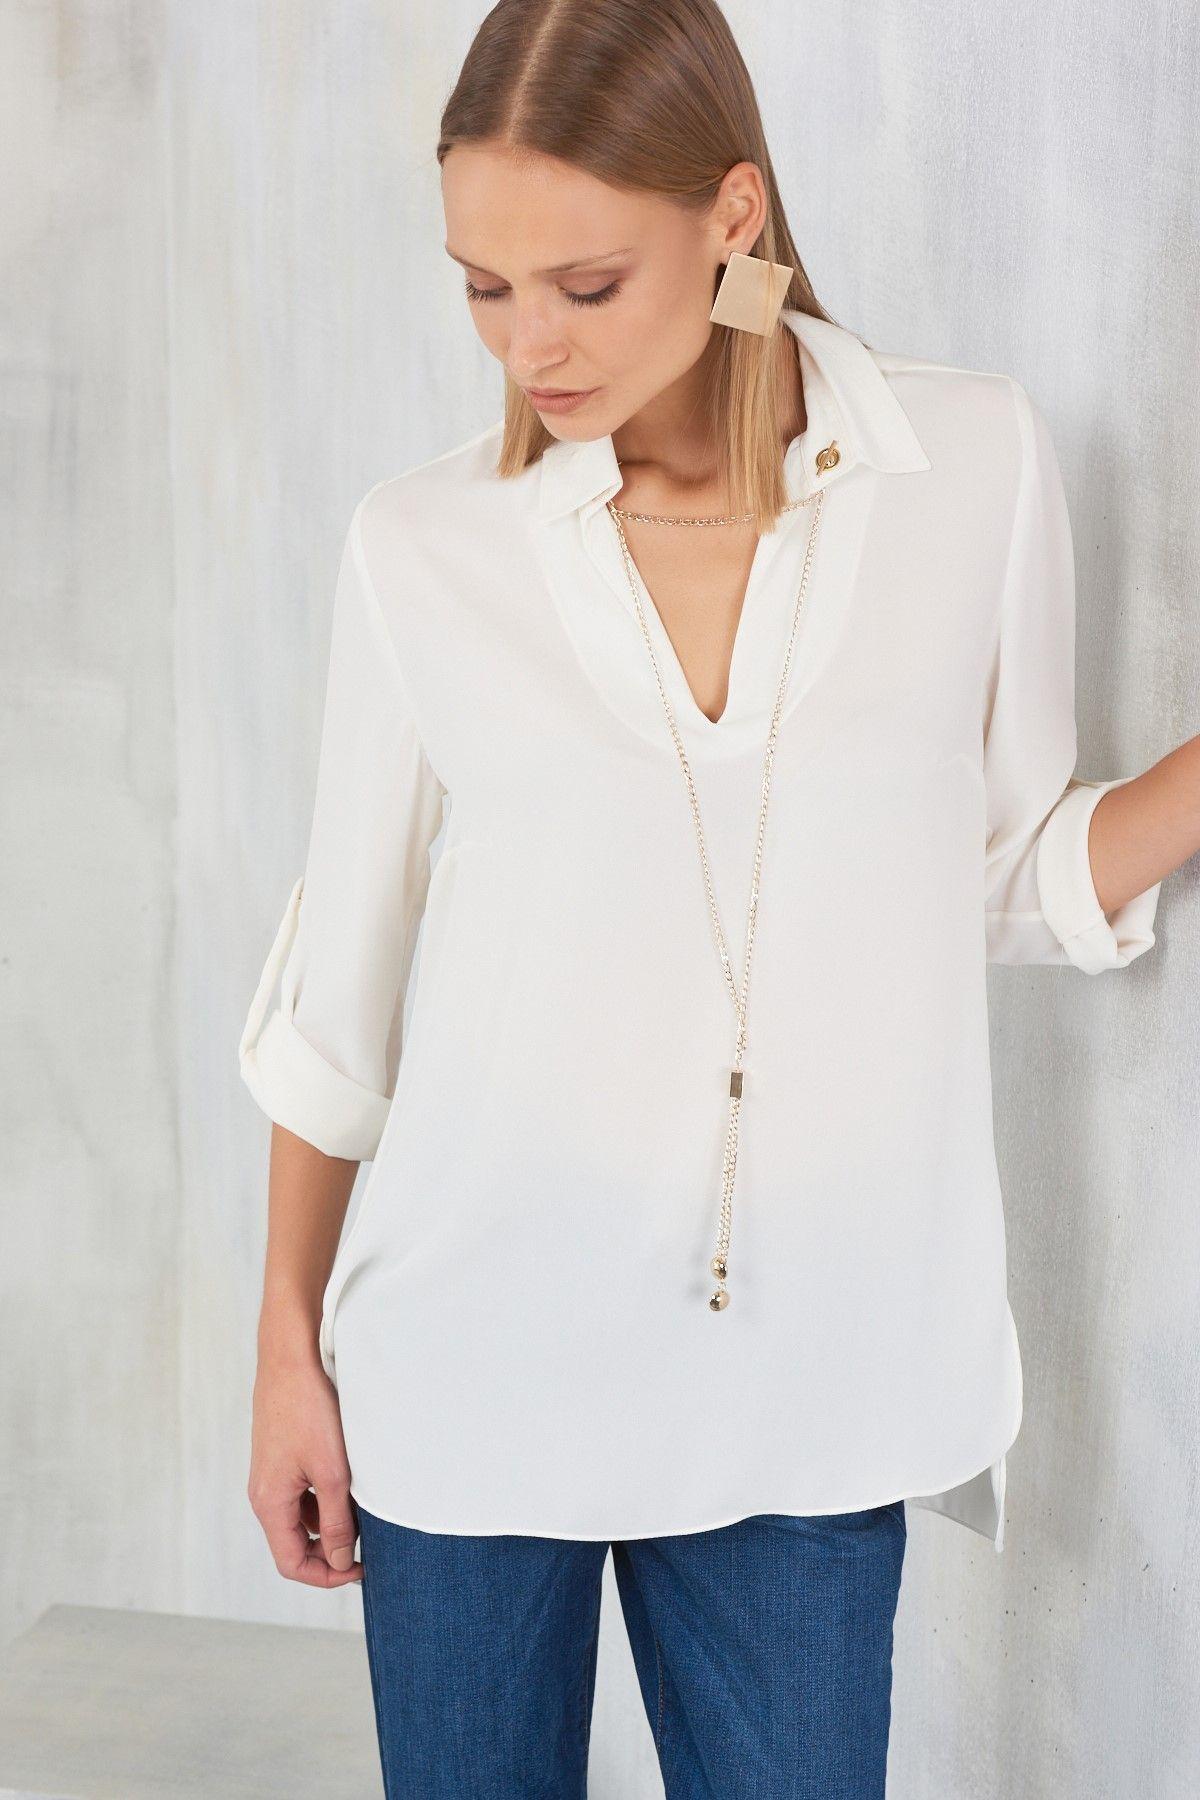 Zincir Aksesuarli Beyaz Bayan Gomlek Modelleri Sik Kombinler Icin Moda Stilleri Gomlek Moda